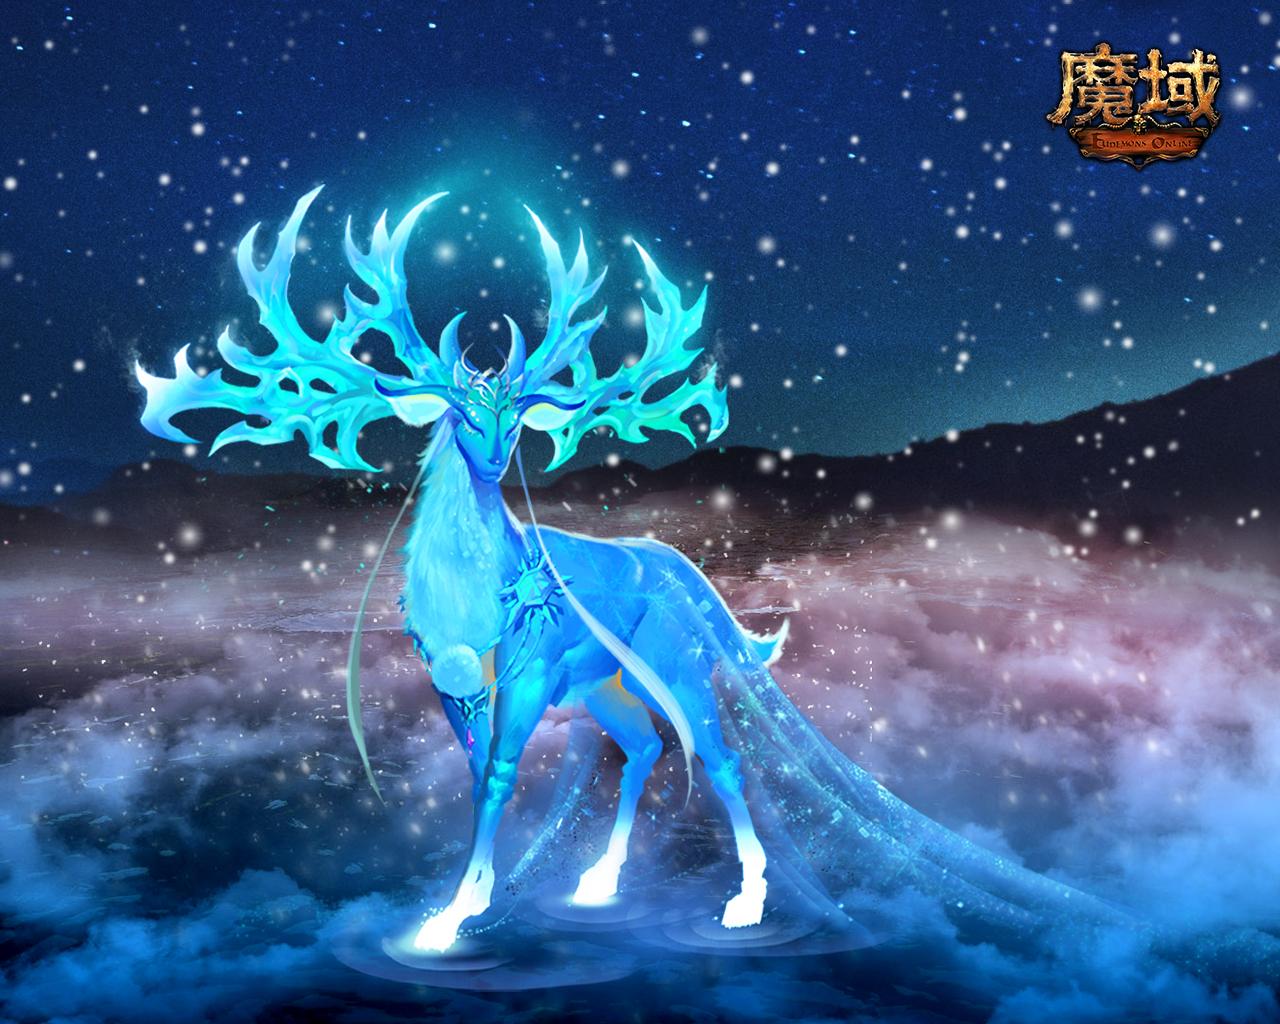 制作出缰绳圣诞极光鹿,深蓝色为主色调,全身散发着梦幻蓝色般的光芒!